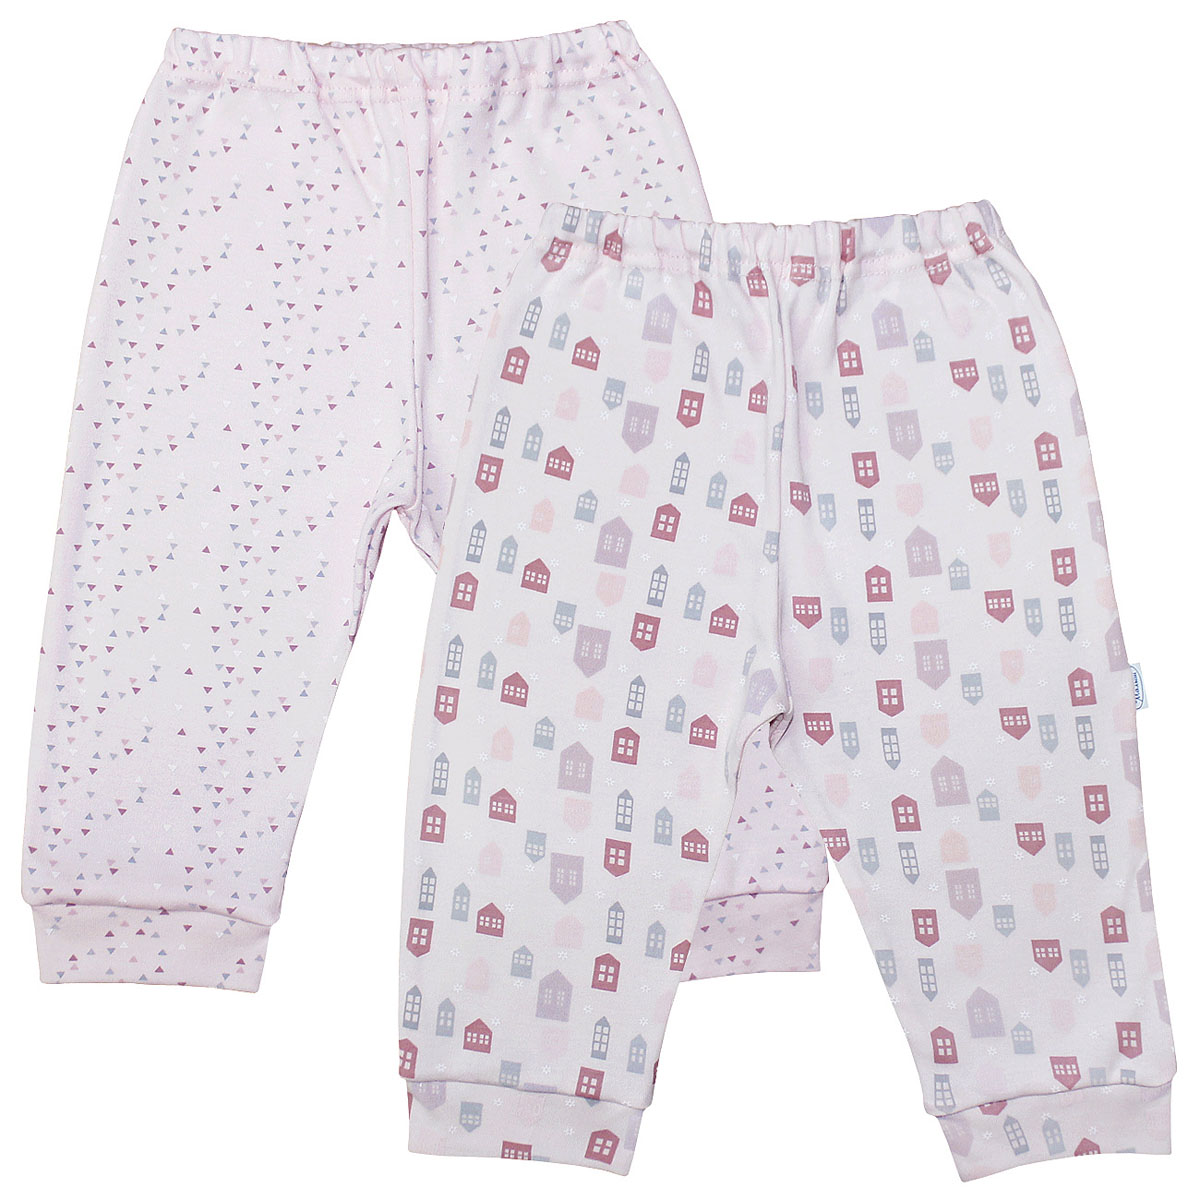 Фото Штанишки для девочки Веселый малыш One, цвет: розовый. 33150/One-E (1). Размер 80. Купить  в РФ